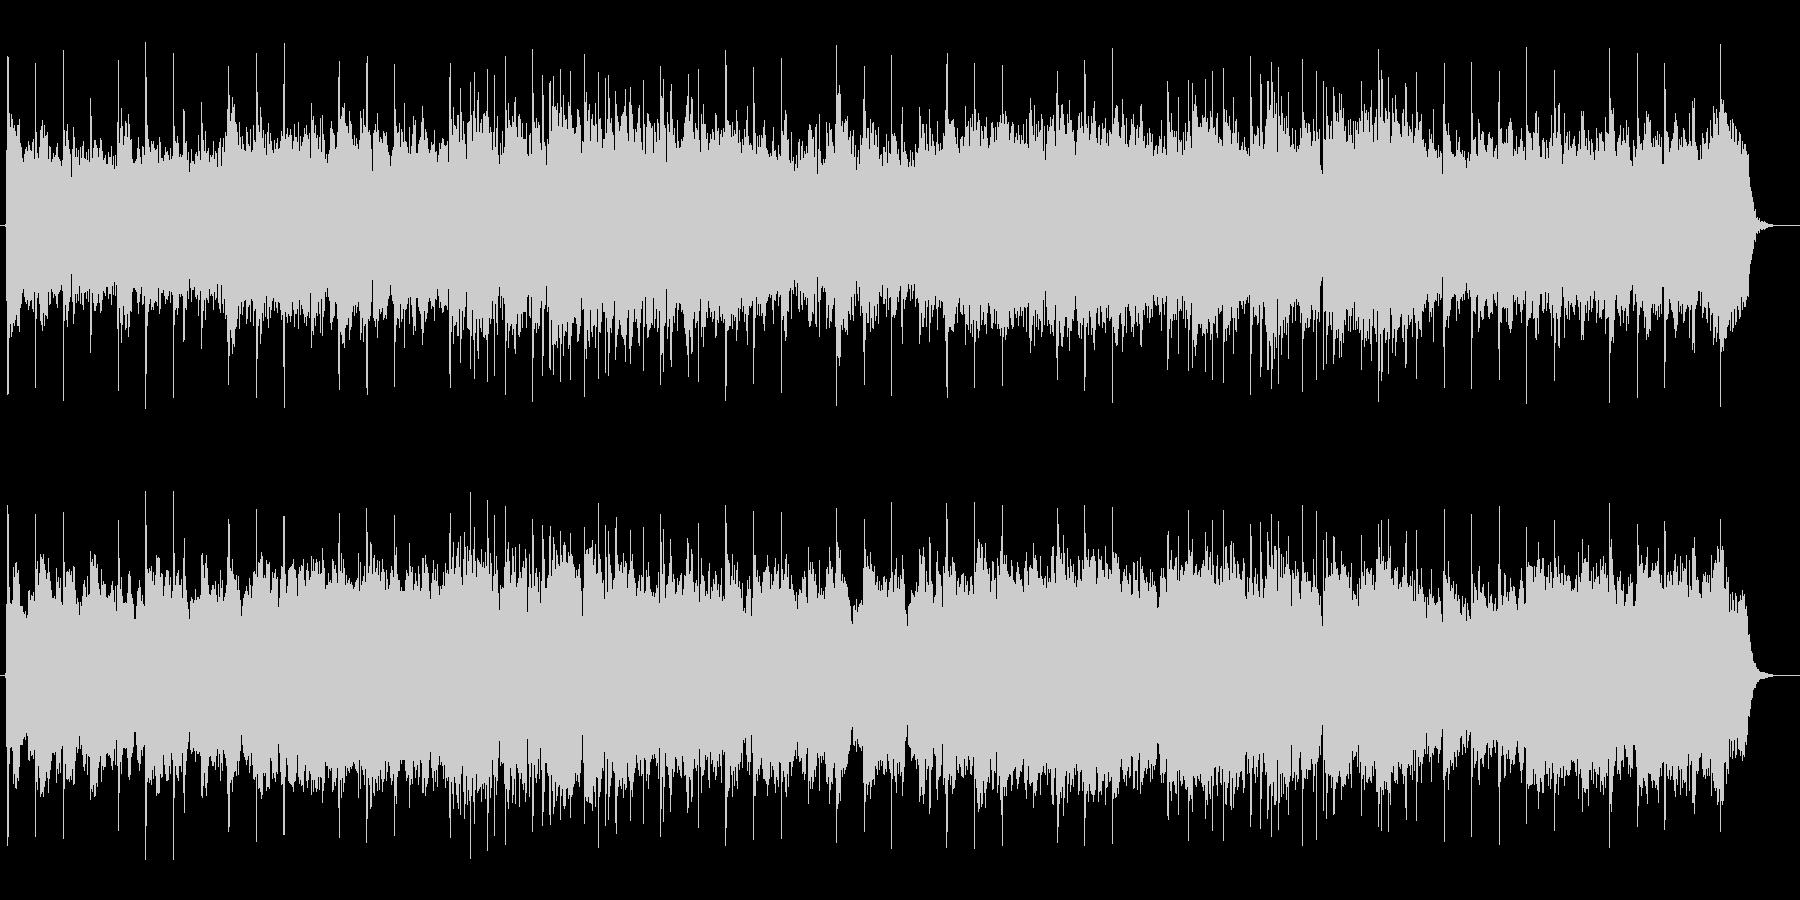 広がりのある穏やかなスローテンポな曲の未再生の波形